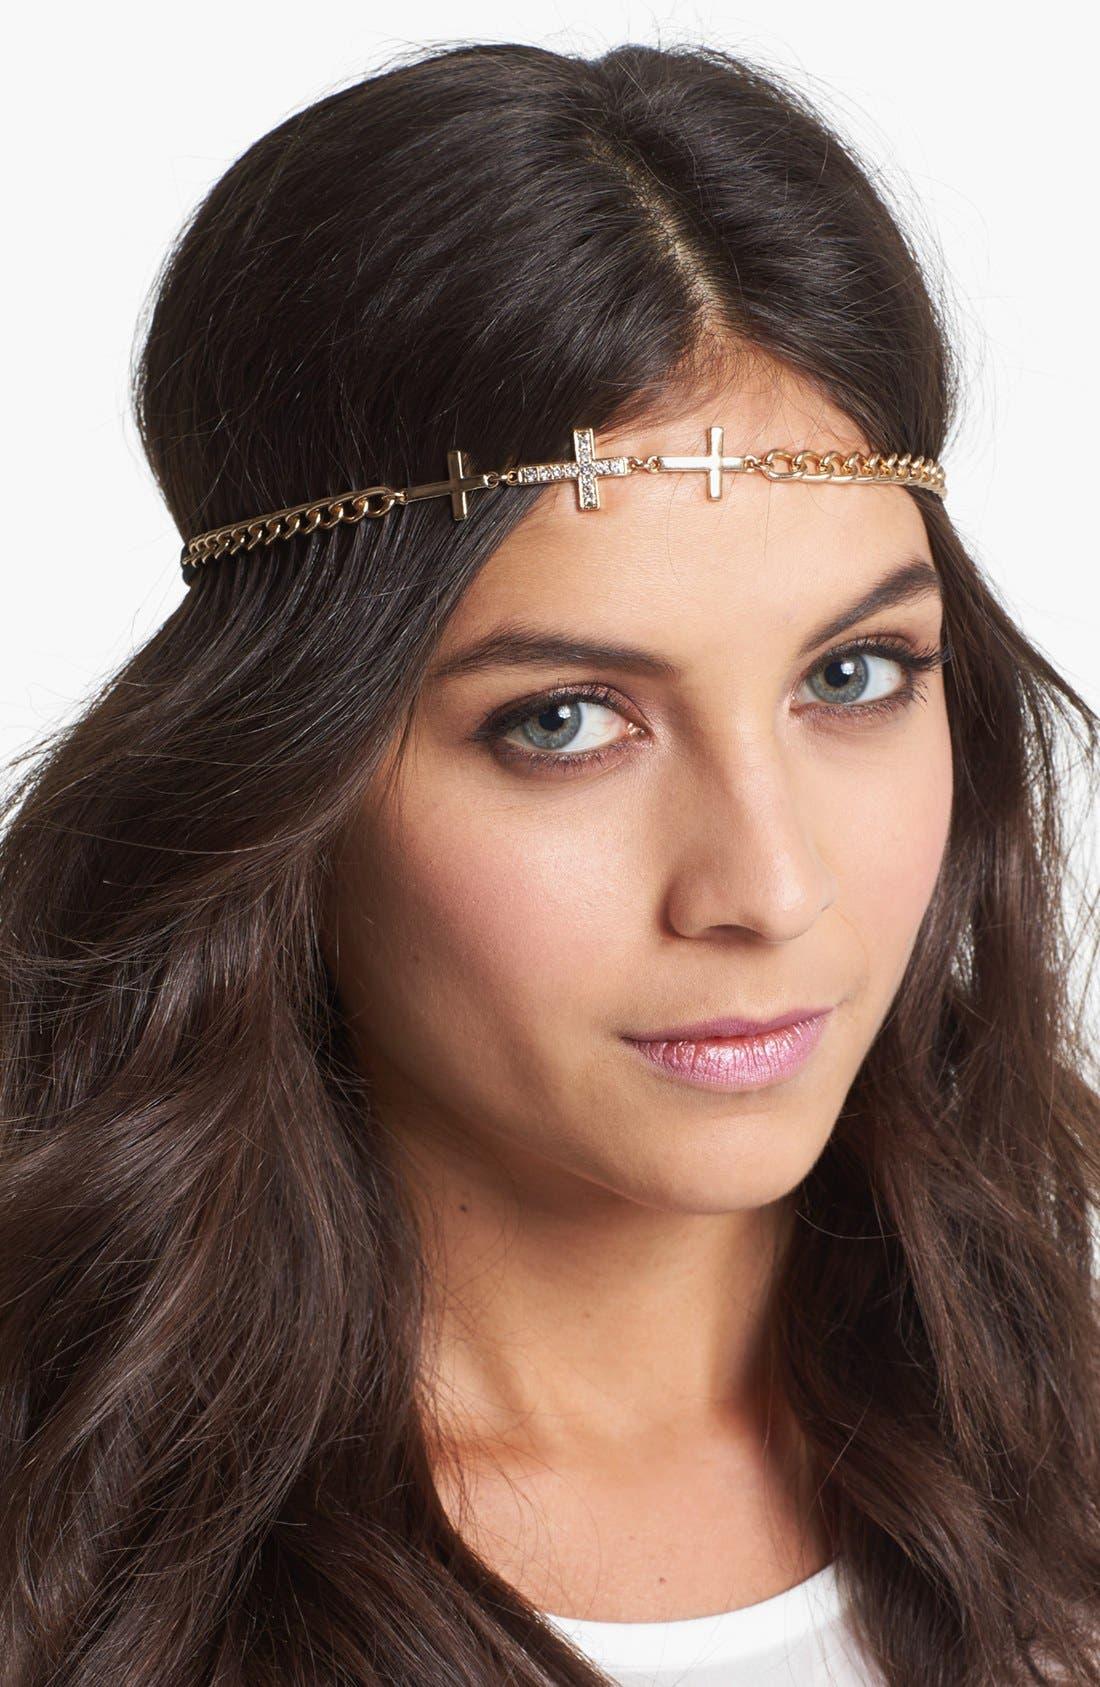 Main Image - Tasha 'Cross' Chain Head Wrap